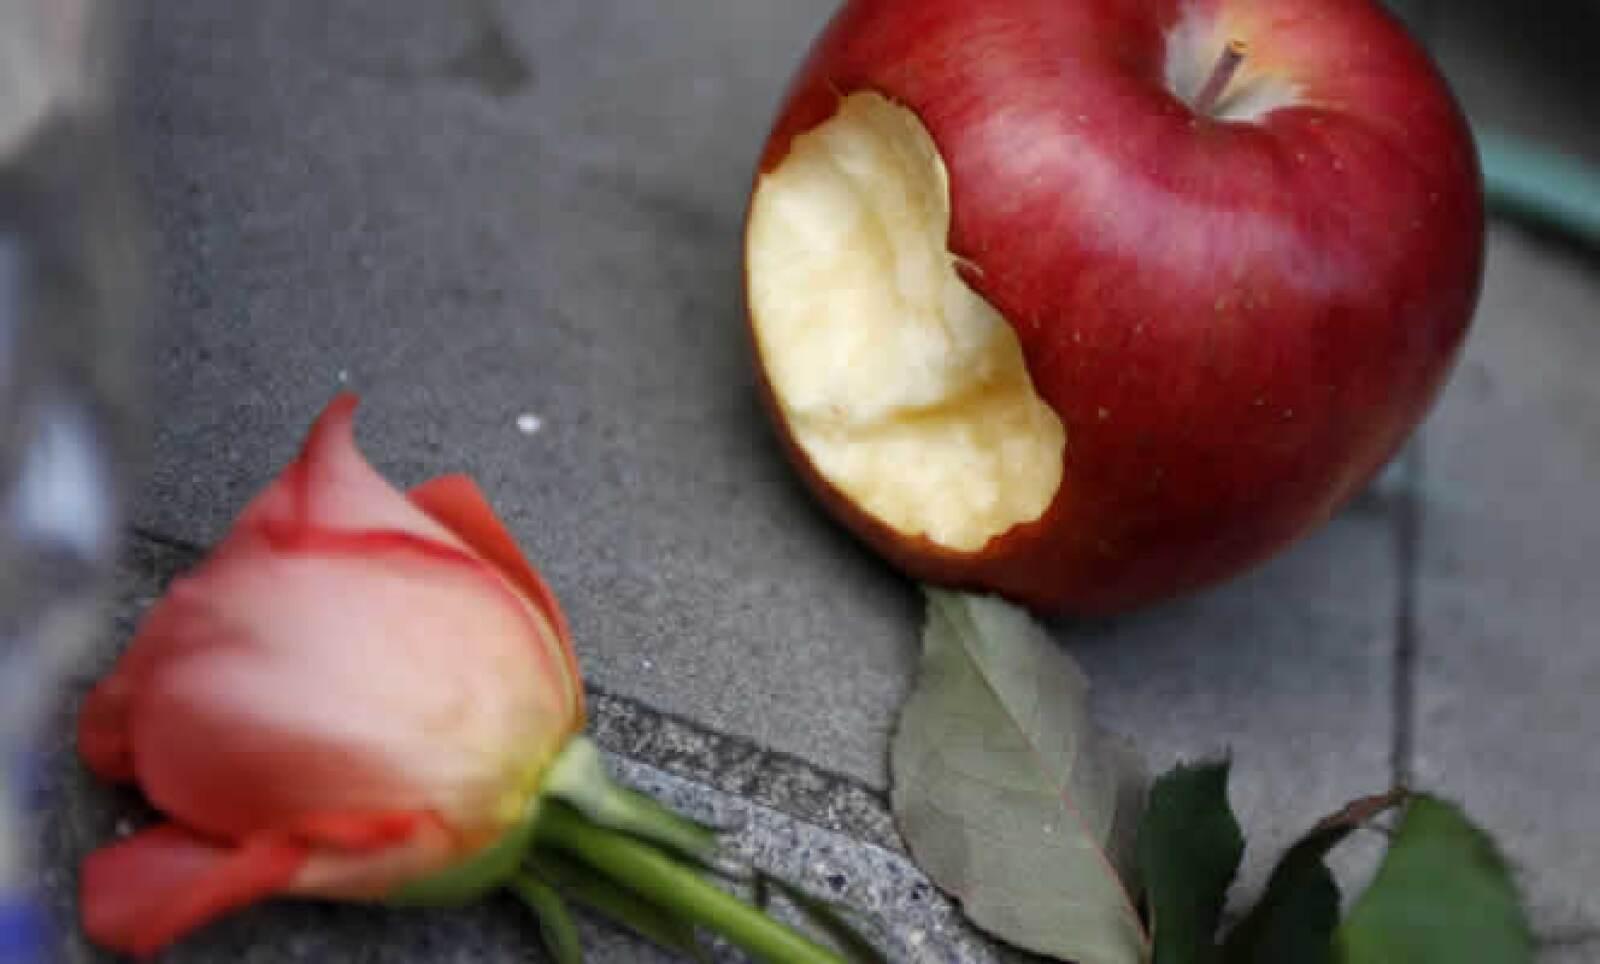 Los productos de Apple también se abrieron camino en el mercado japonés.